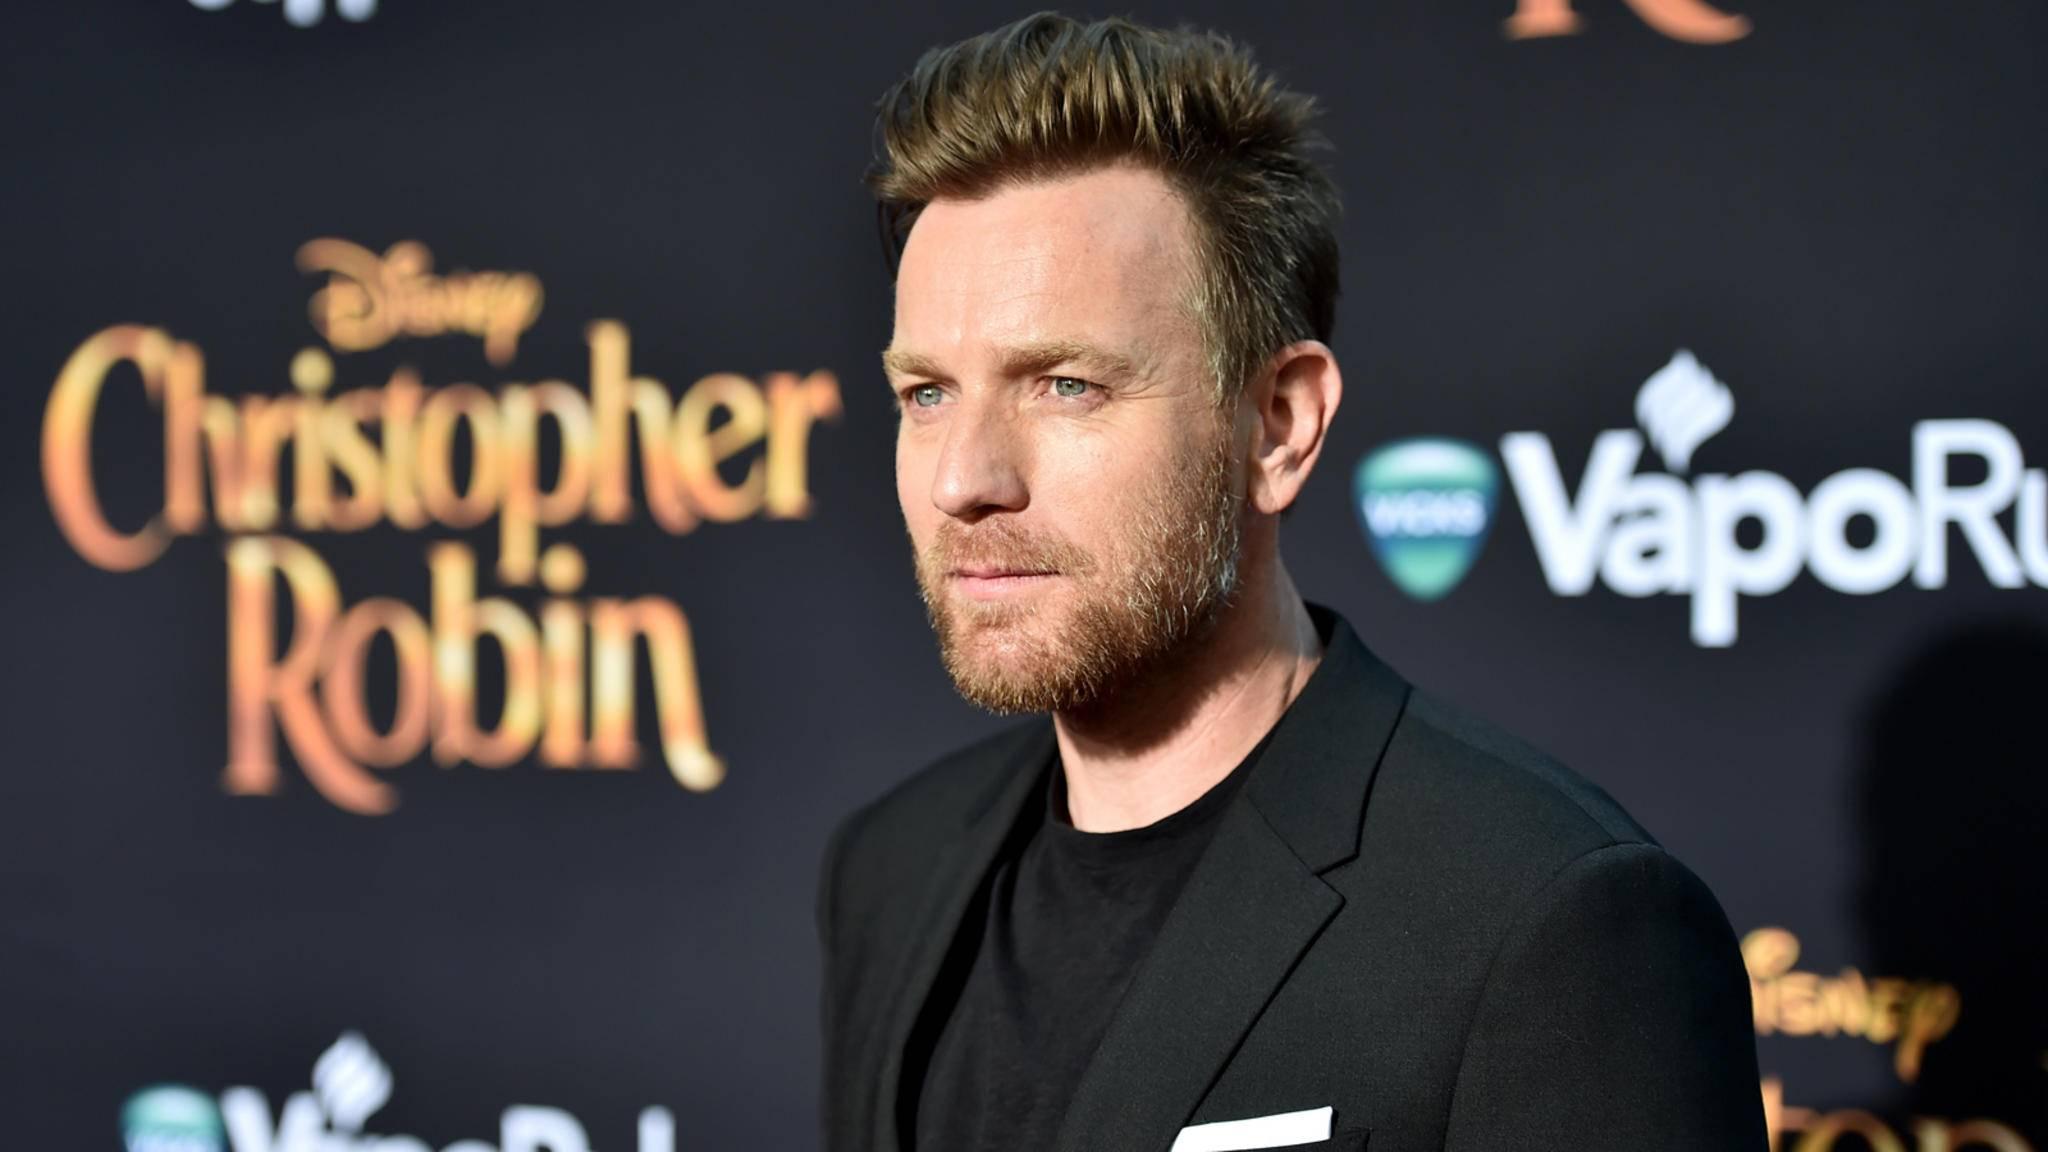 Ewan McGregor hat seine Vielseitigkeit schon in zahlreichen Filmen und Fernsehserien unter Beweis gestellt.